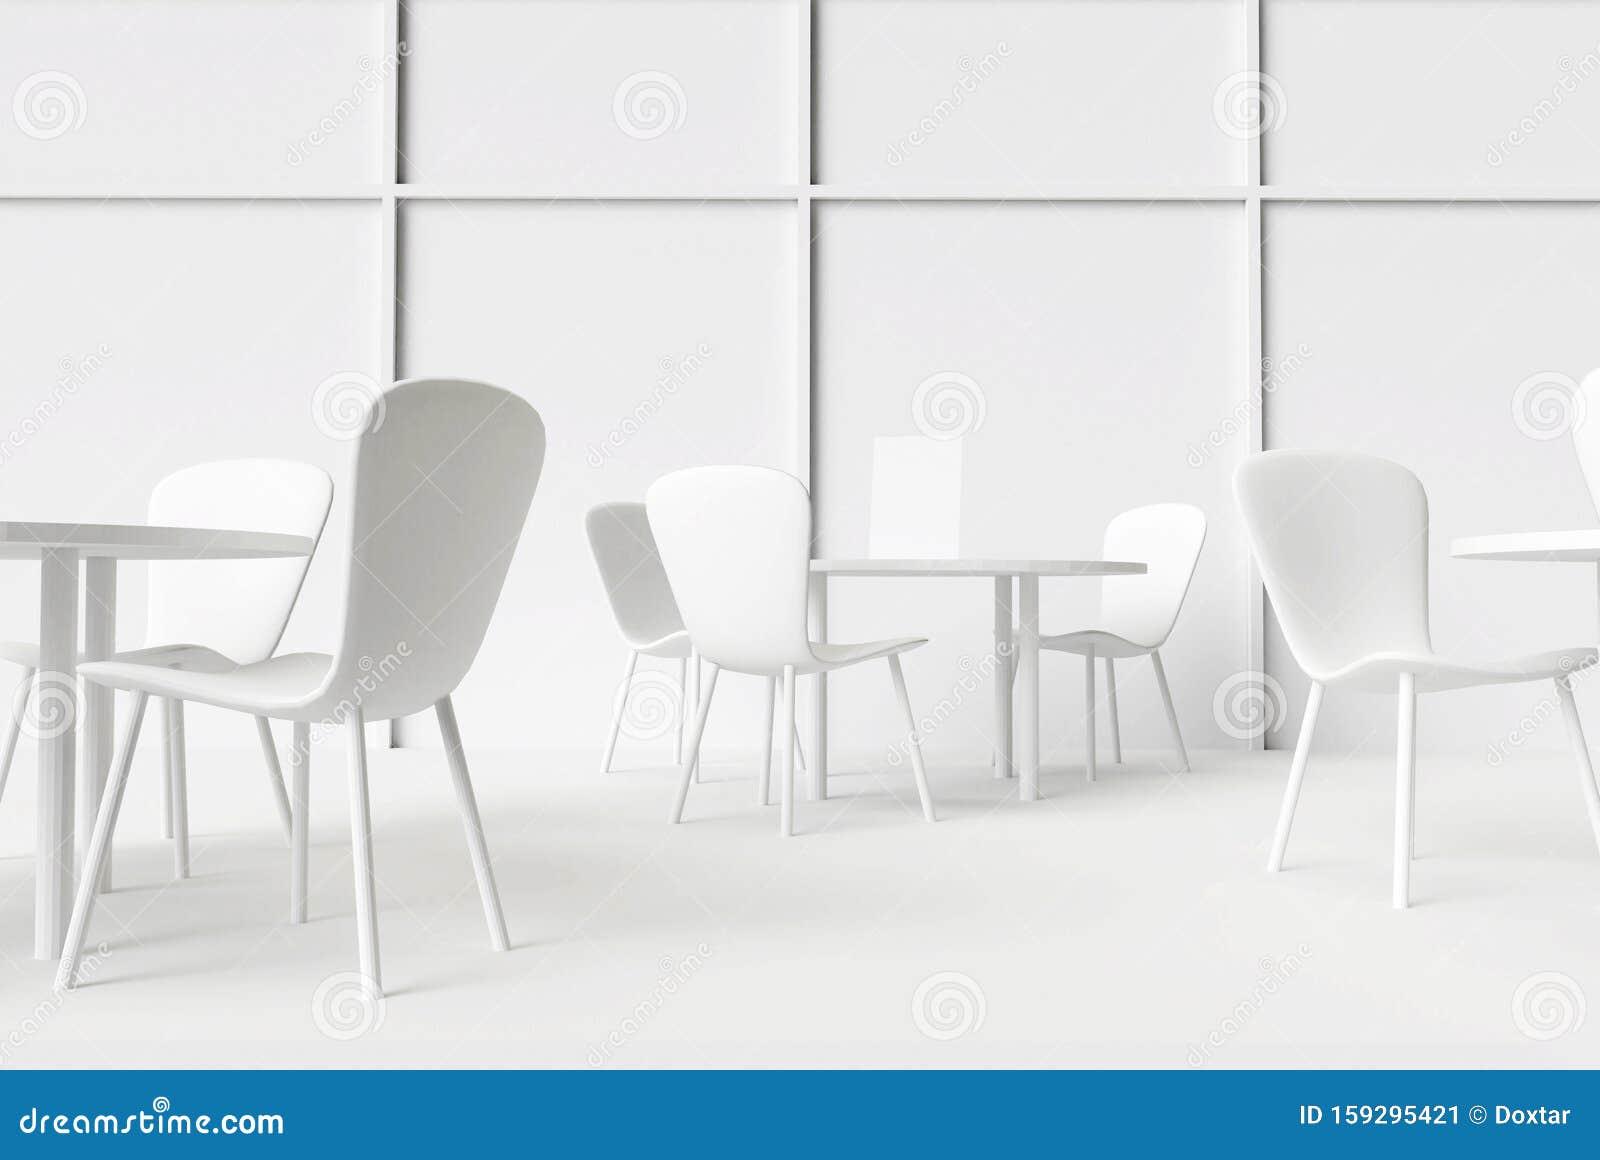 Caffe Interno O Ristorante All Interno Tavoli E Sedie A 3d Illustrazione Di Rendering Illustrazione Di Stock Illustrazione Di Interno Moderno 159295421